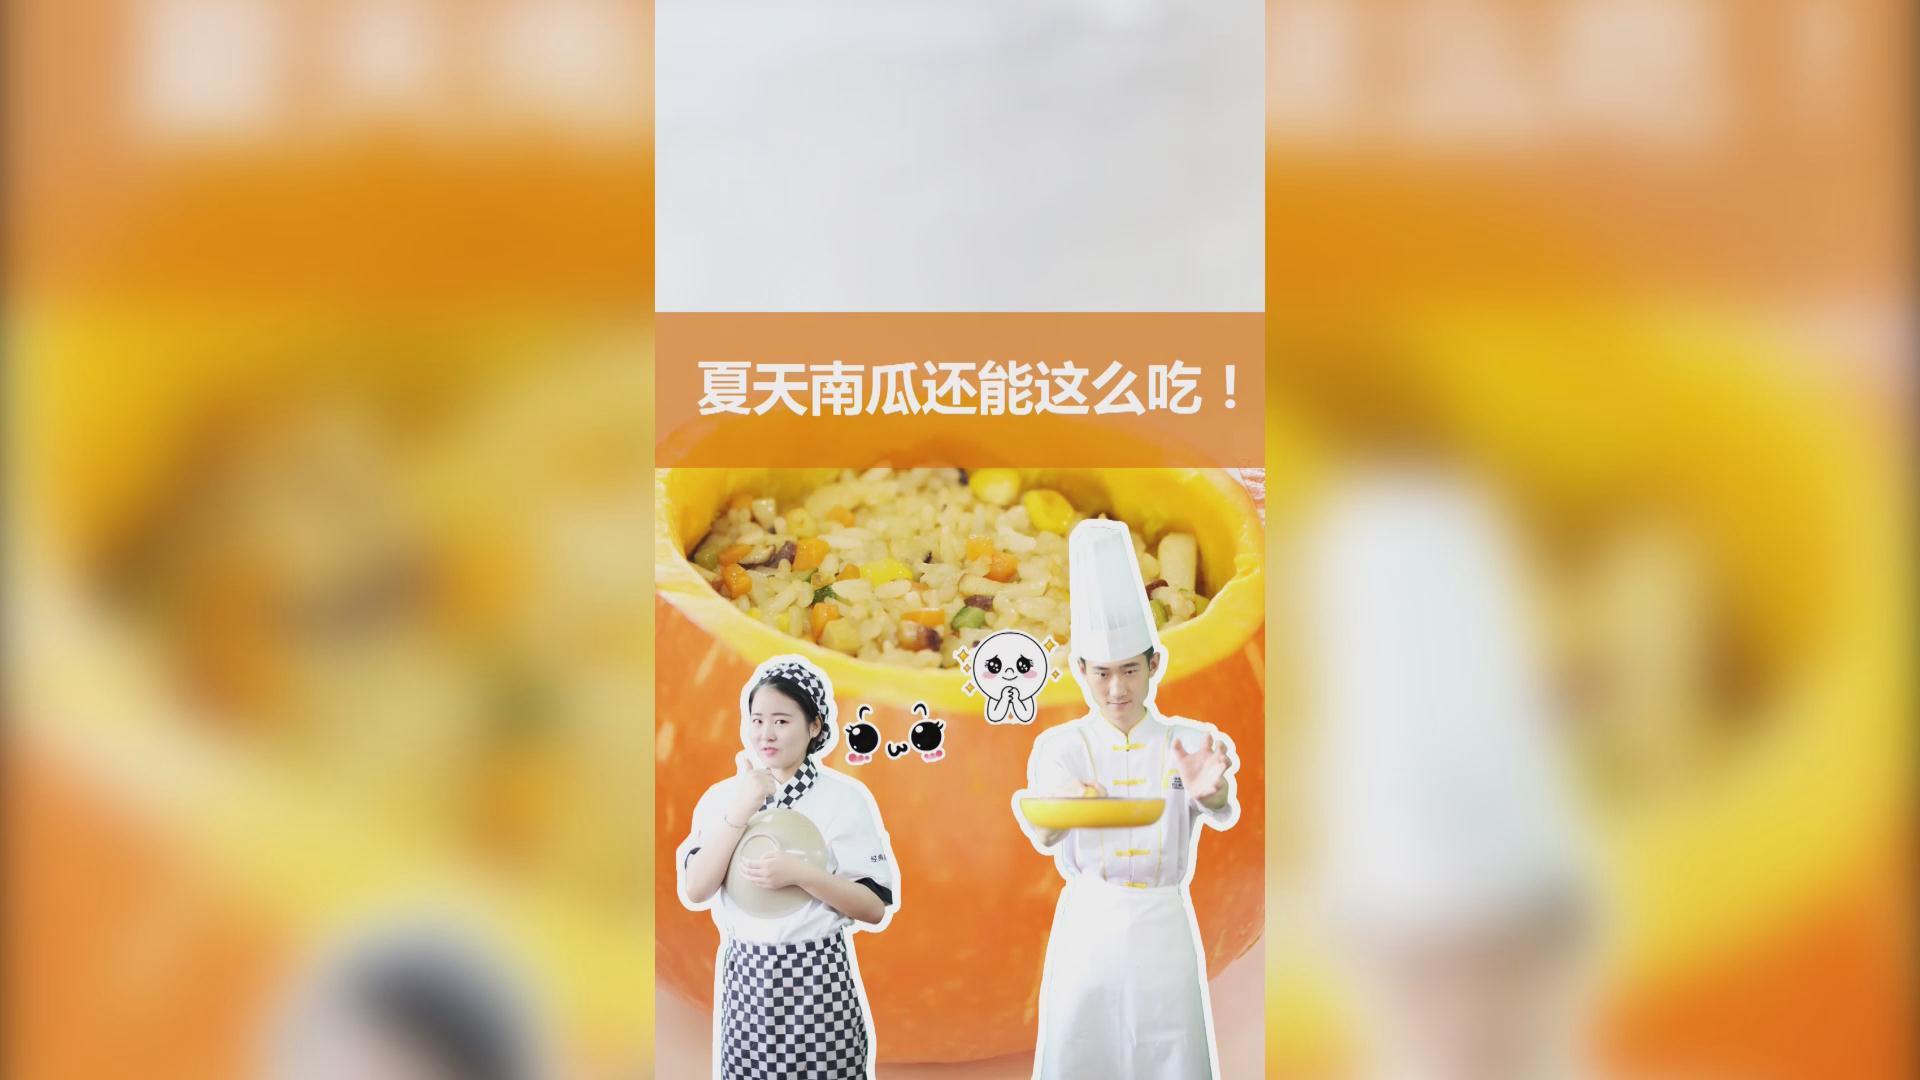 安徽新东方之南瓜饭